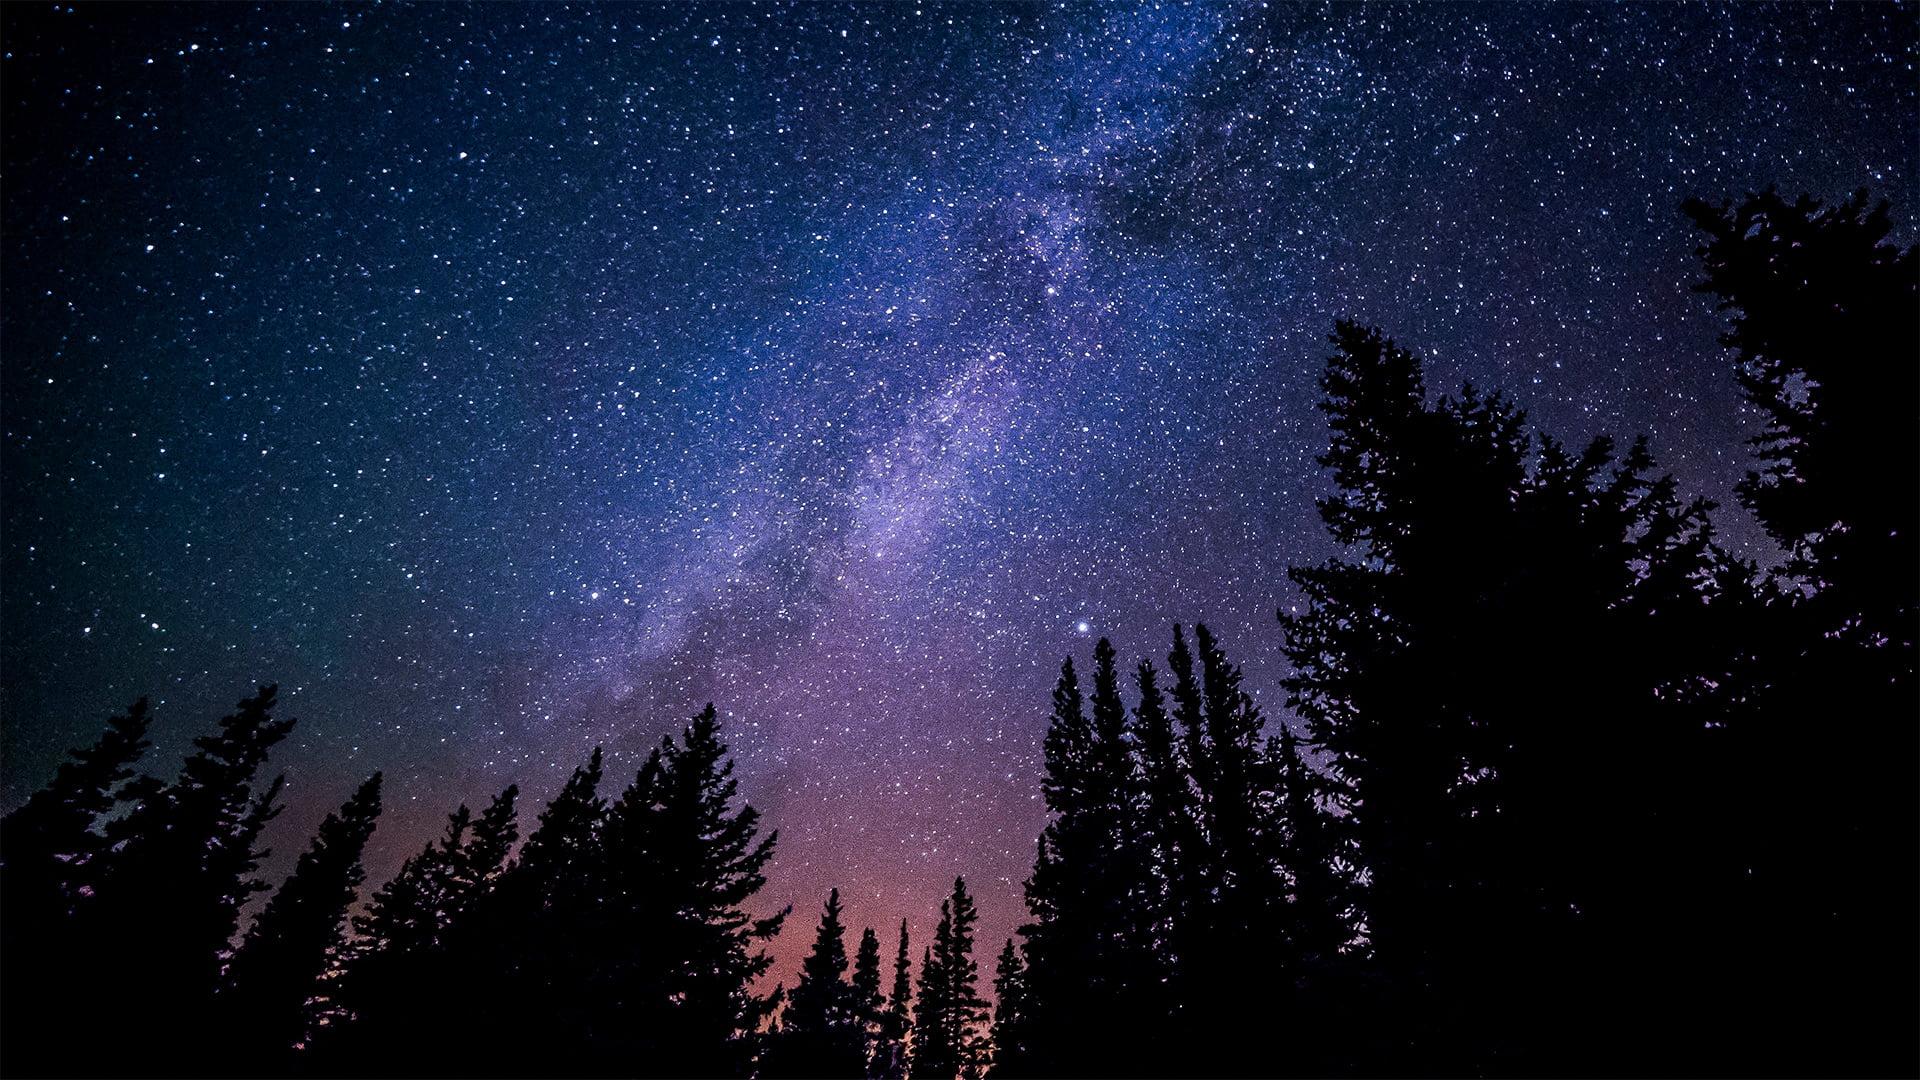 Древние курганы - проекция звездного действия